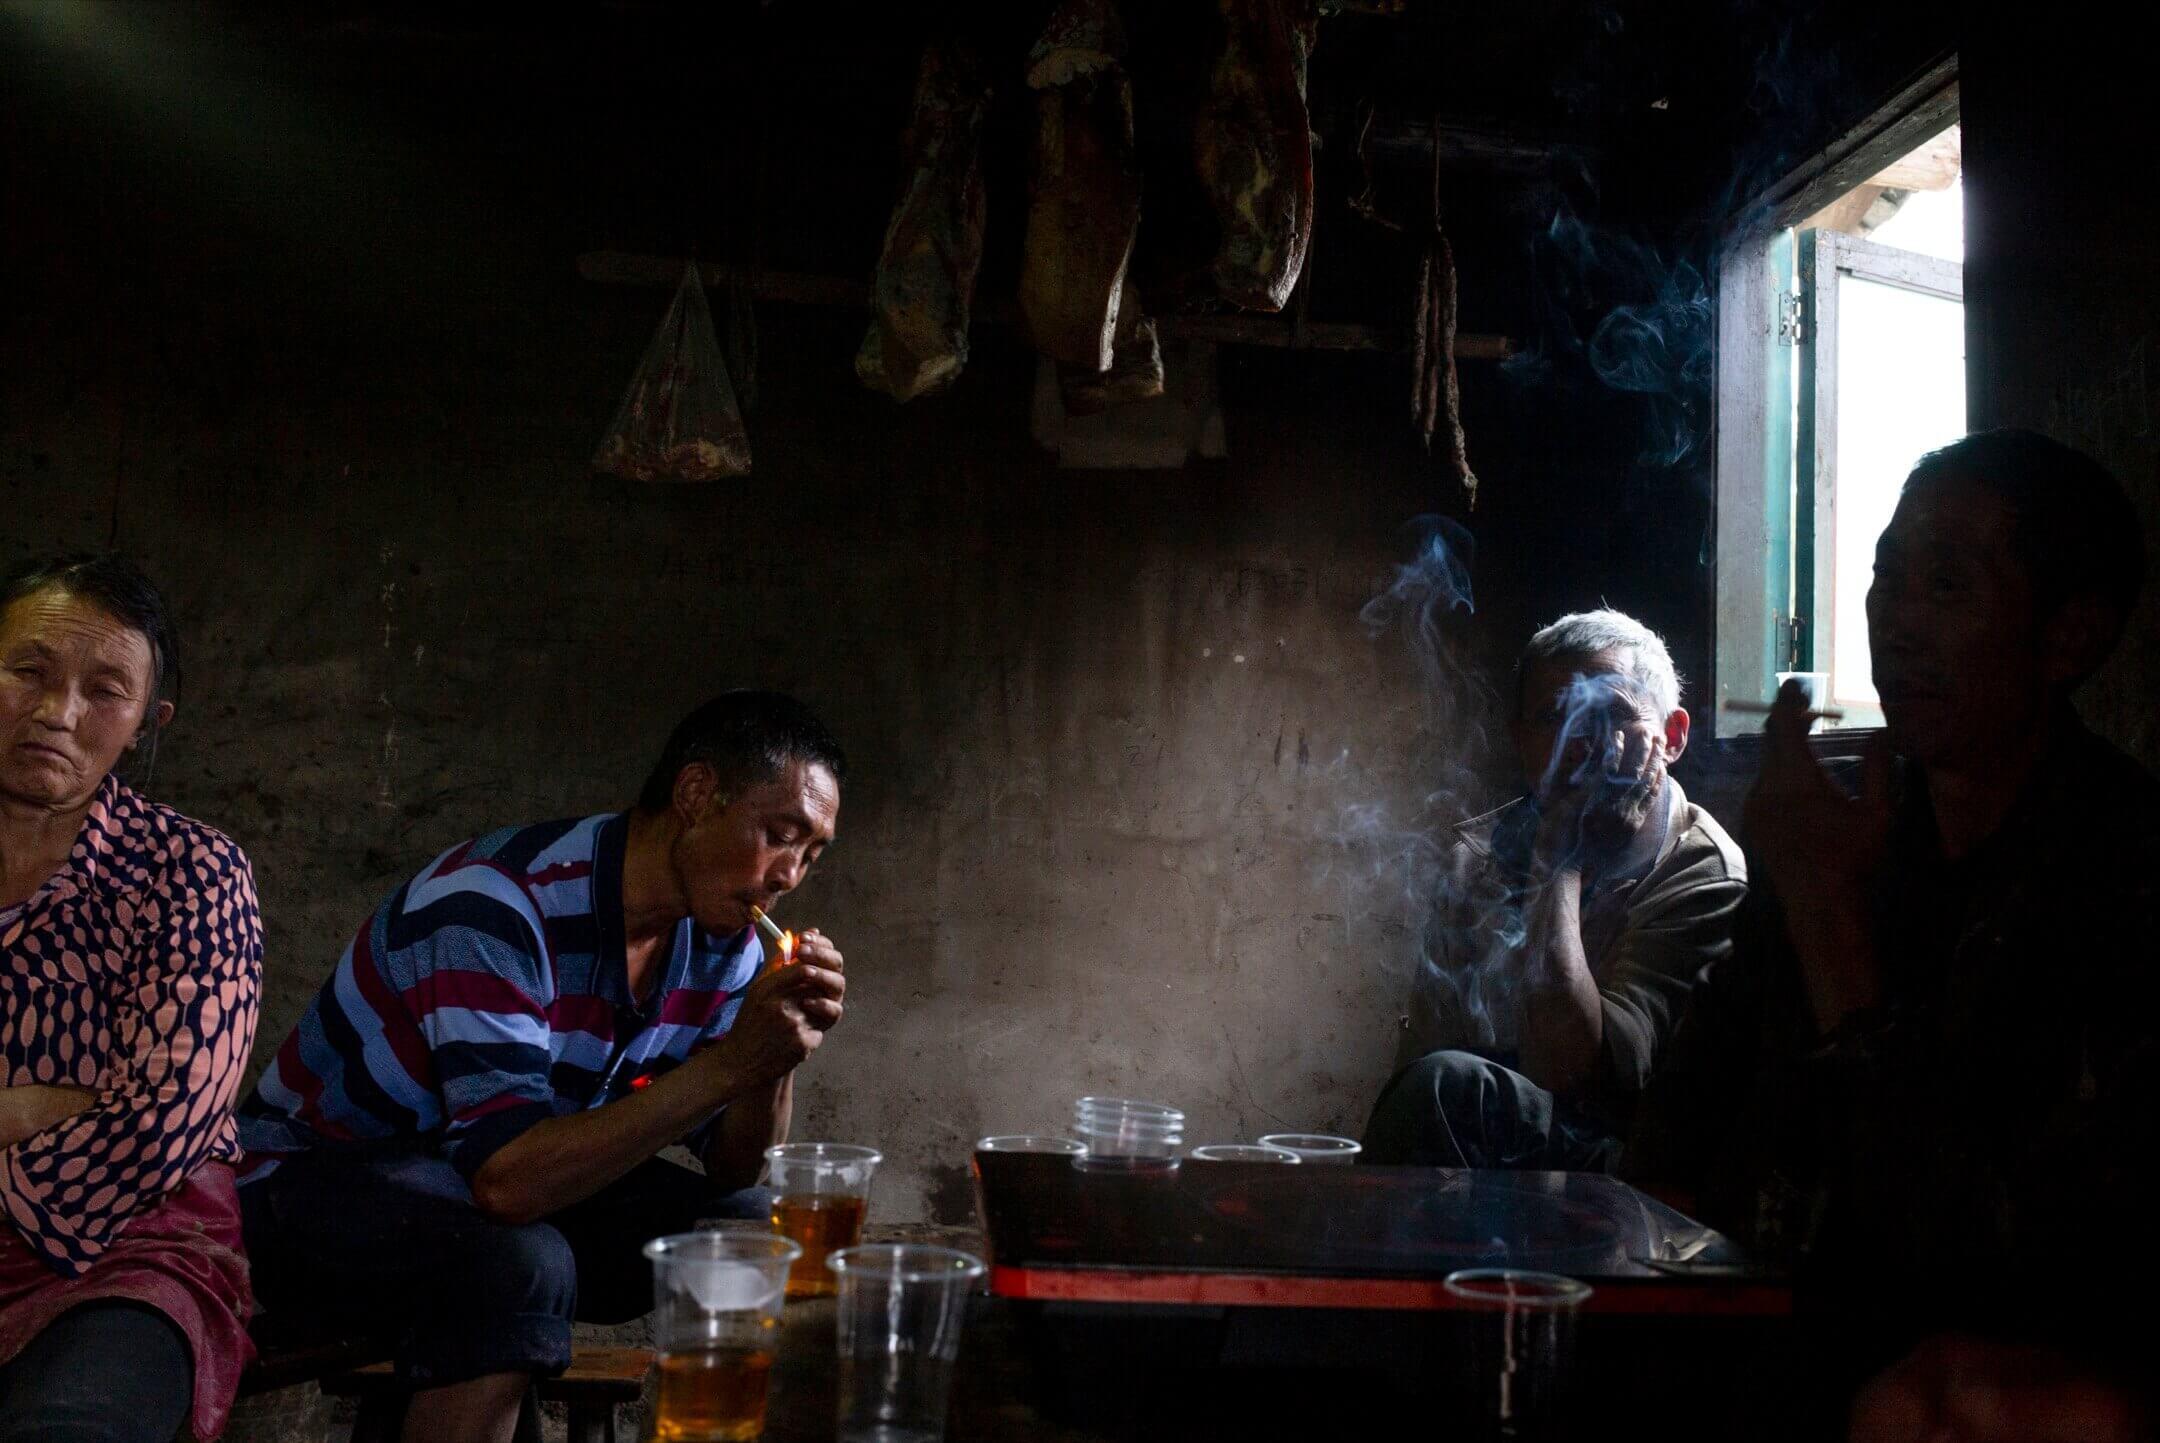 貴州省余慶縣,梅子坡村民吳光輝和妻子曾目睹衞星「墜落」,那次恰好砸中了鄰居老周的房子。 攝:林振東/端傳媒